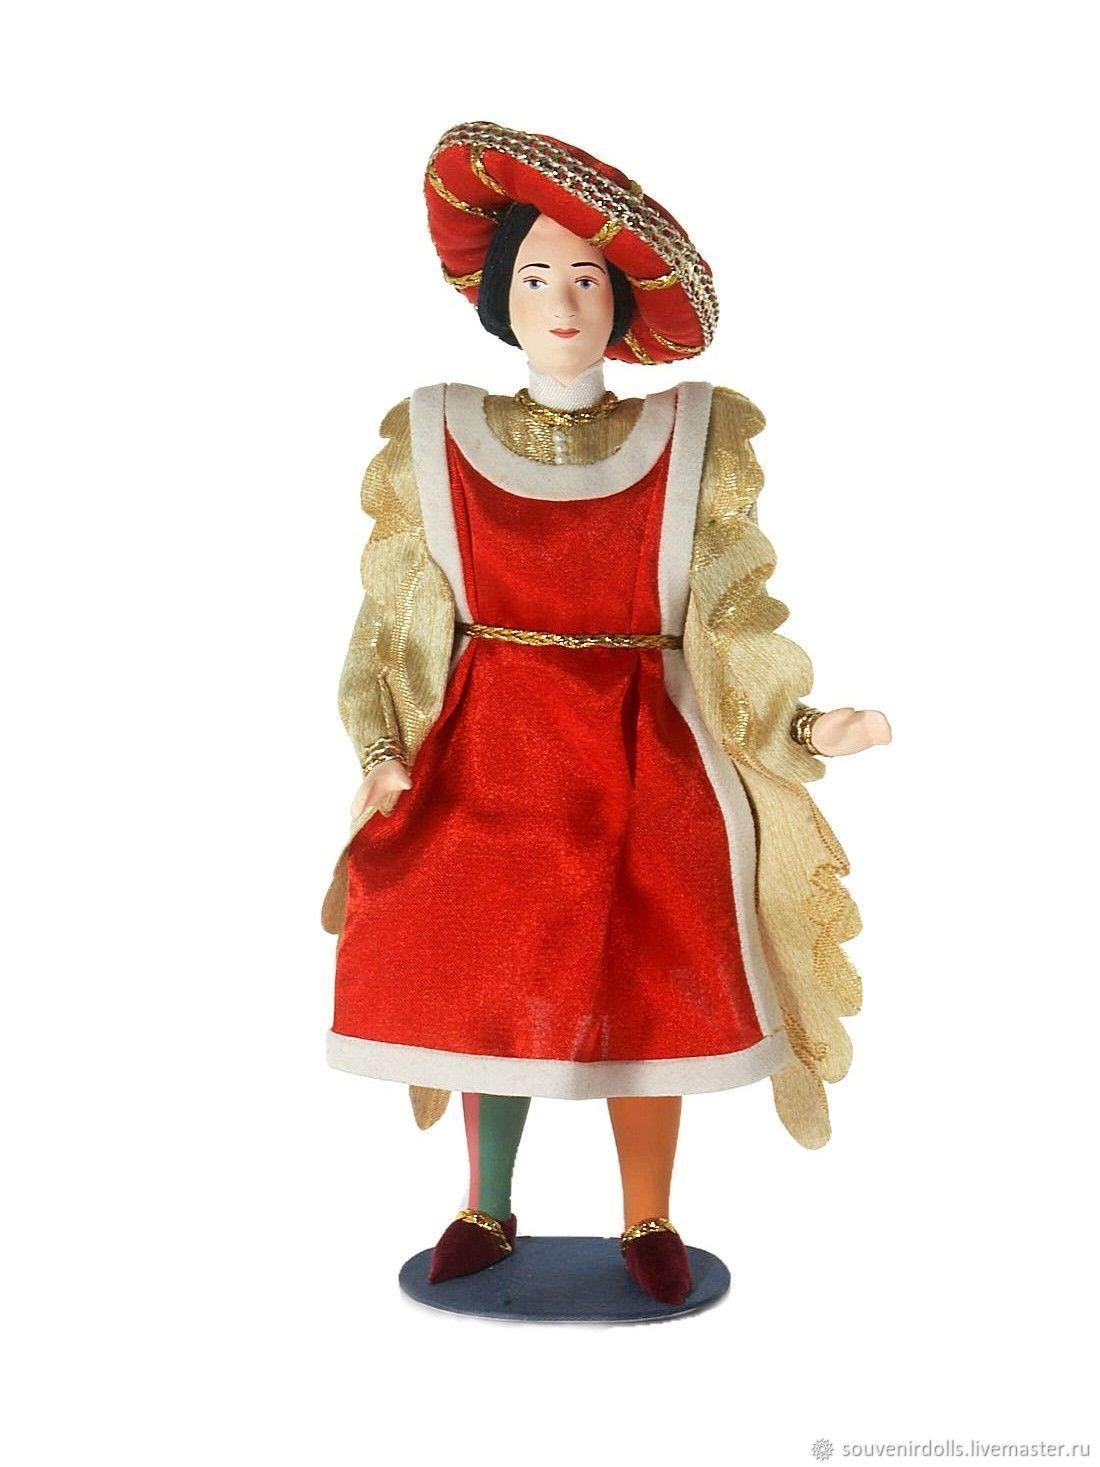 Кукла коллекционная фарфоровая Граф Парис, Интерьерная кукла, Санкт-Петербург,  Фото №1